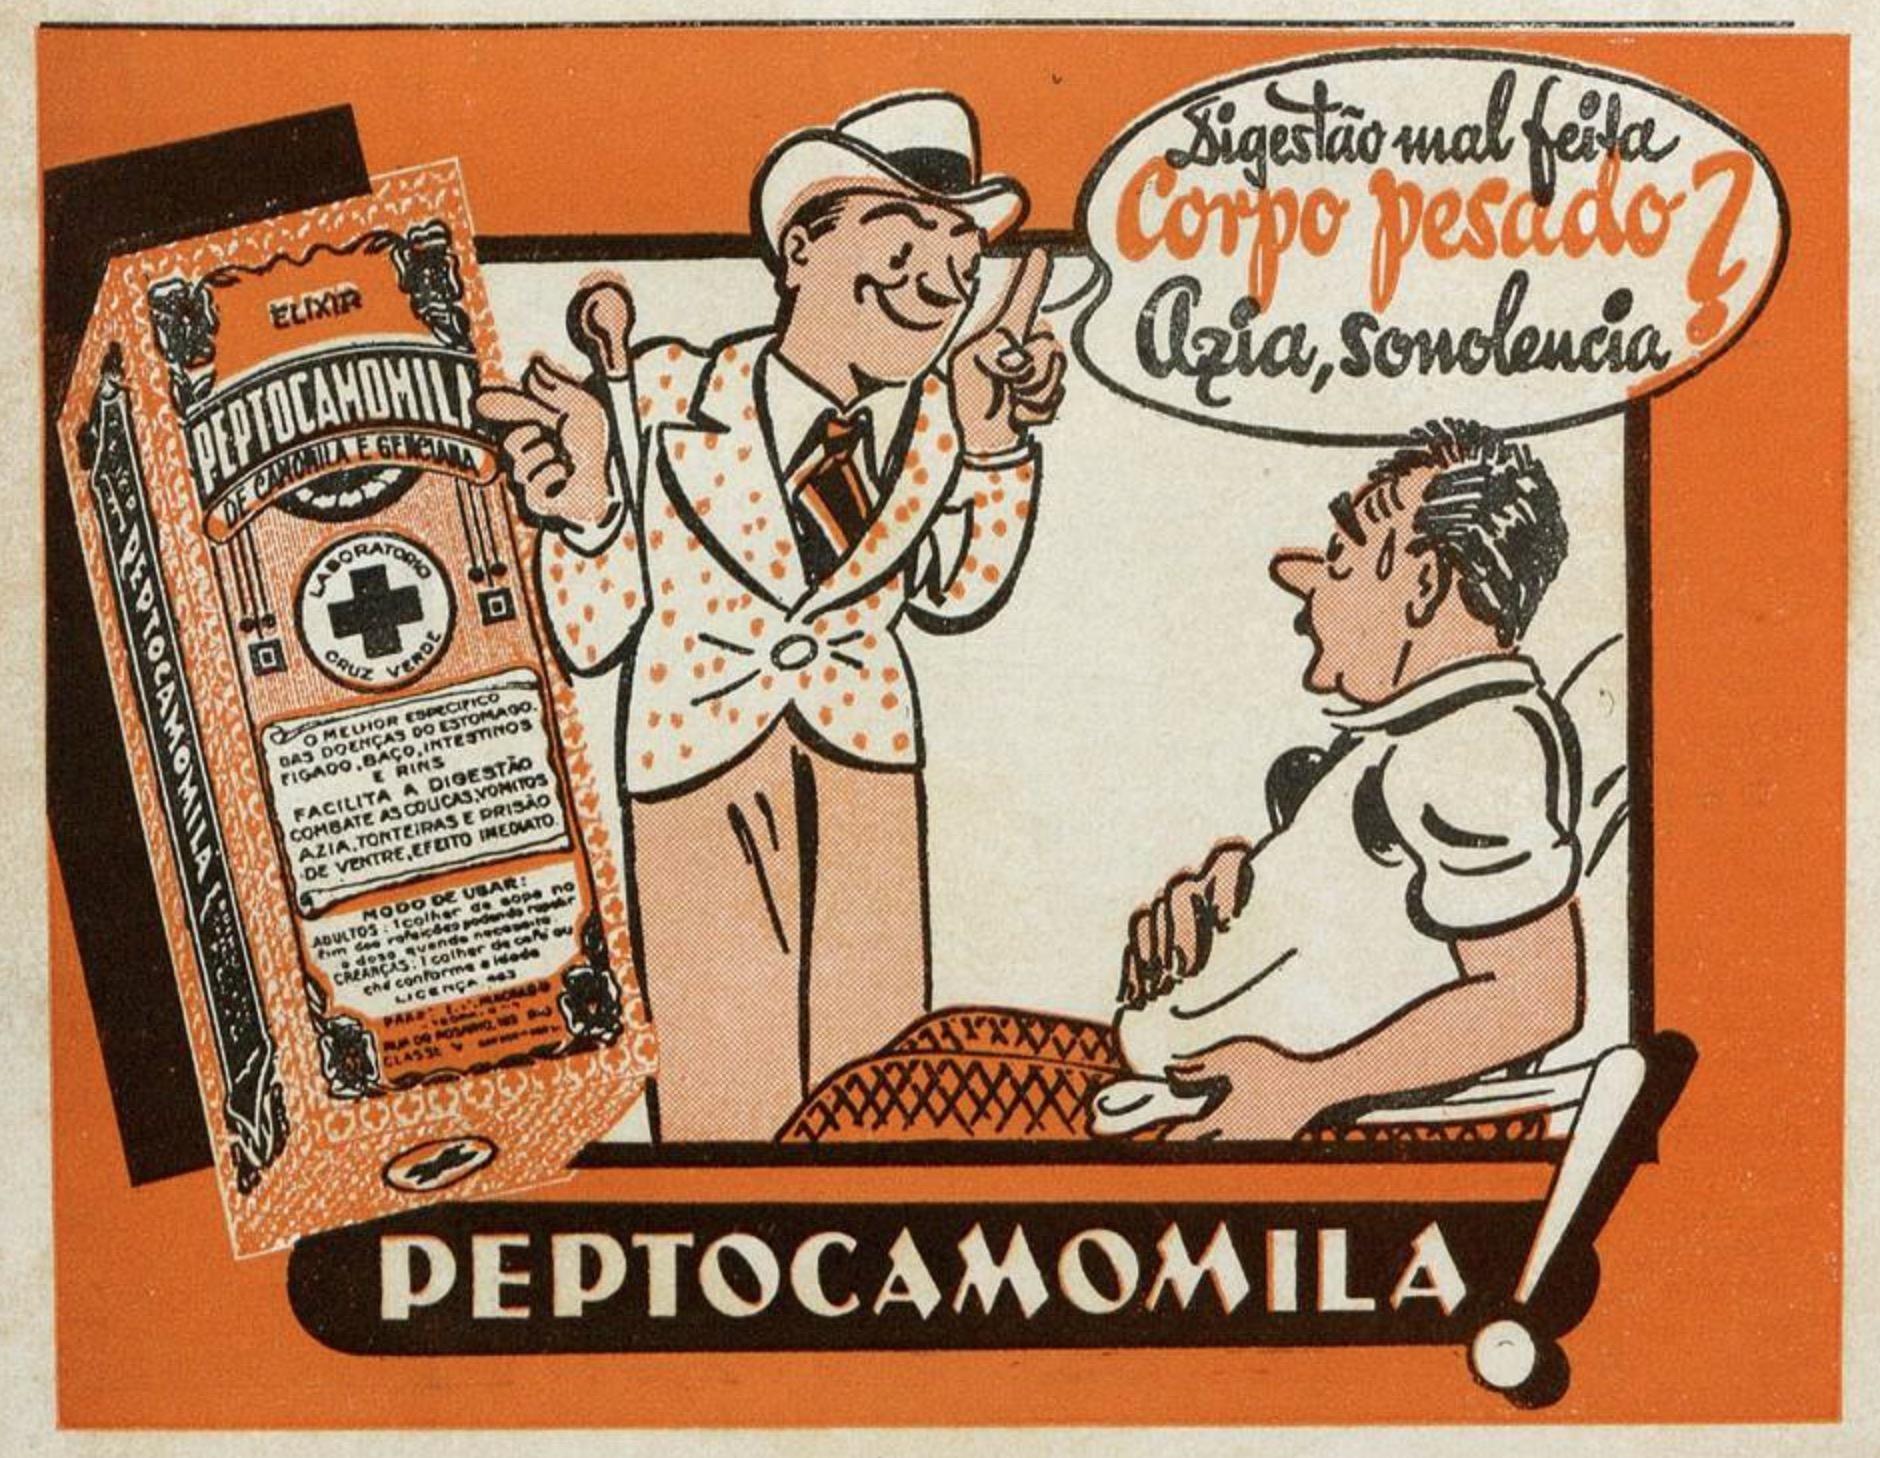 Propaganda antiga veiculada em 1939 para promover a Peptocamomila para os males estomacais